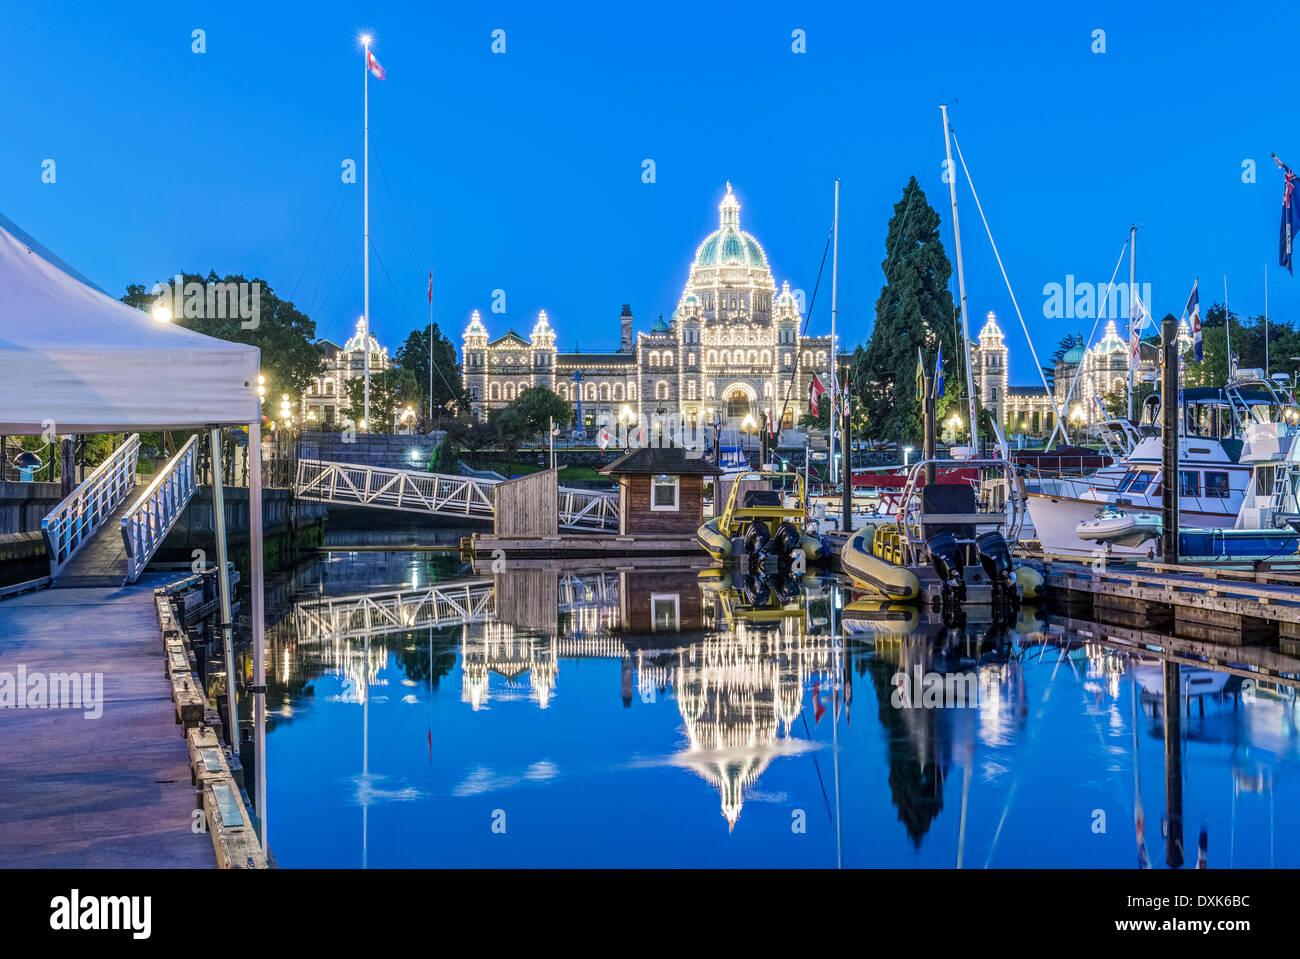 Parlamentsgebäude und Hafen beleuchtet in der Morgendämmerung, Victoria, Britisch-Kolumbien, Kanada Stockbild